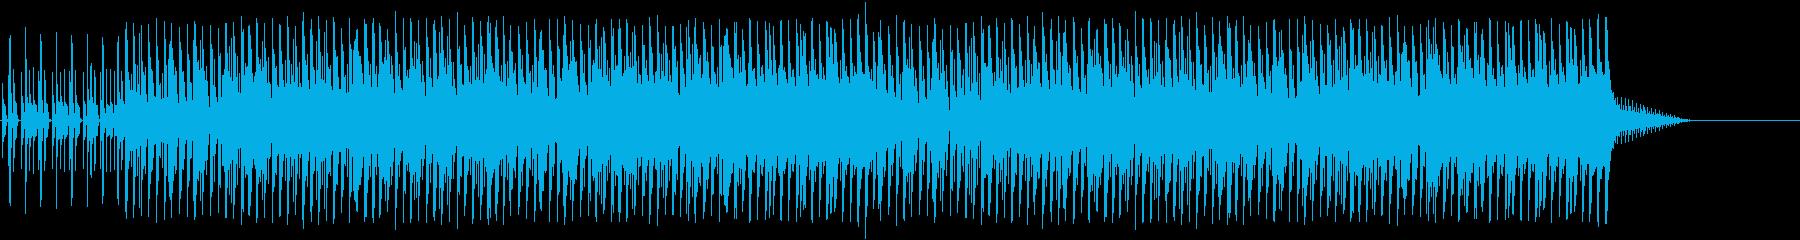 70sディスコ風マイナー・ダンス・テクノの再生済みの波形